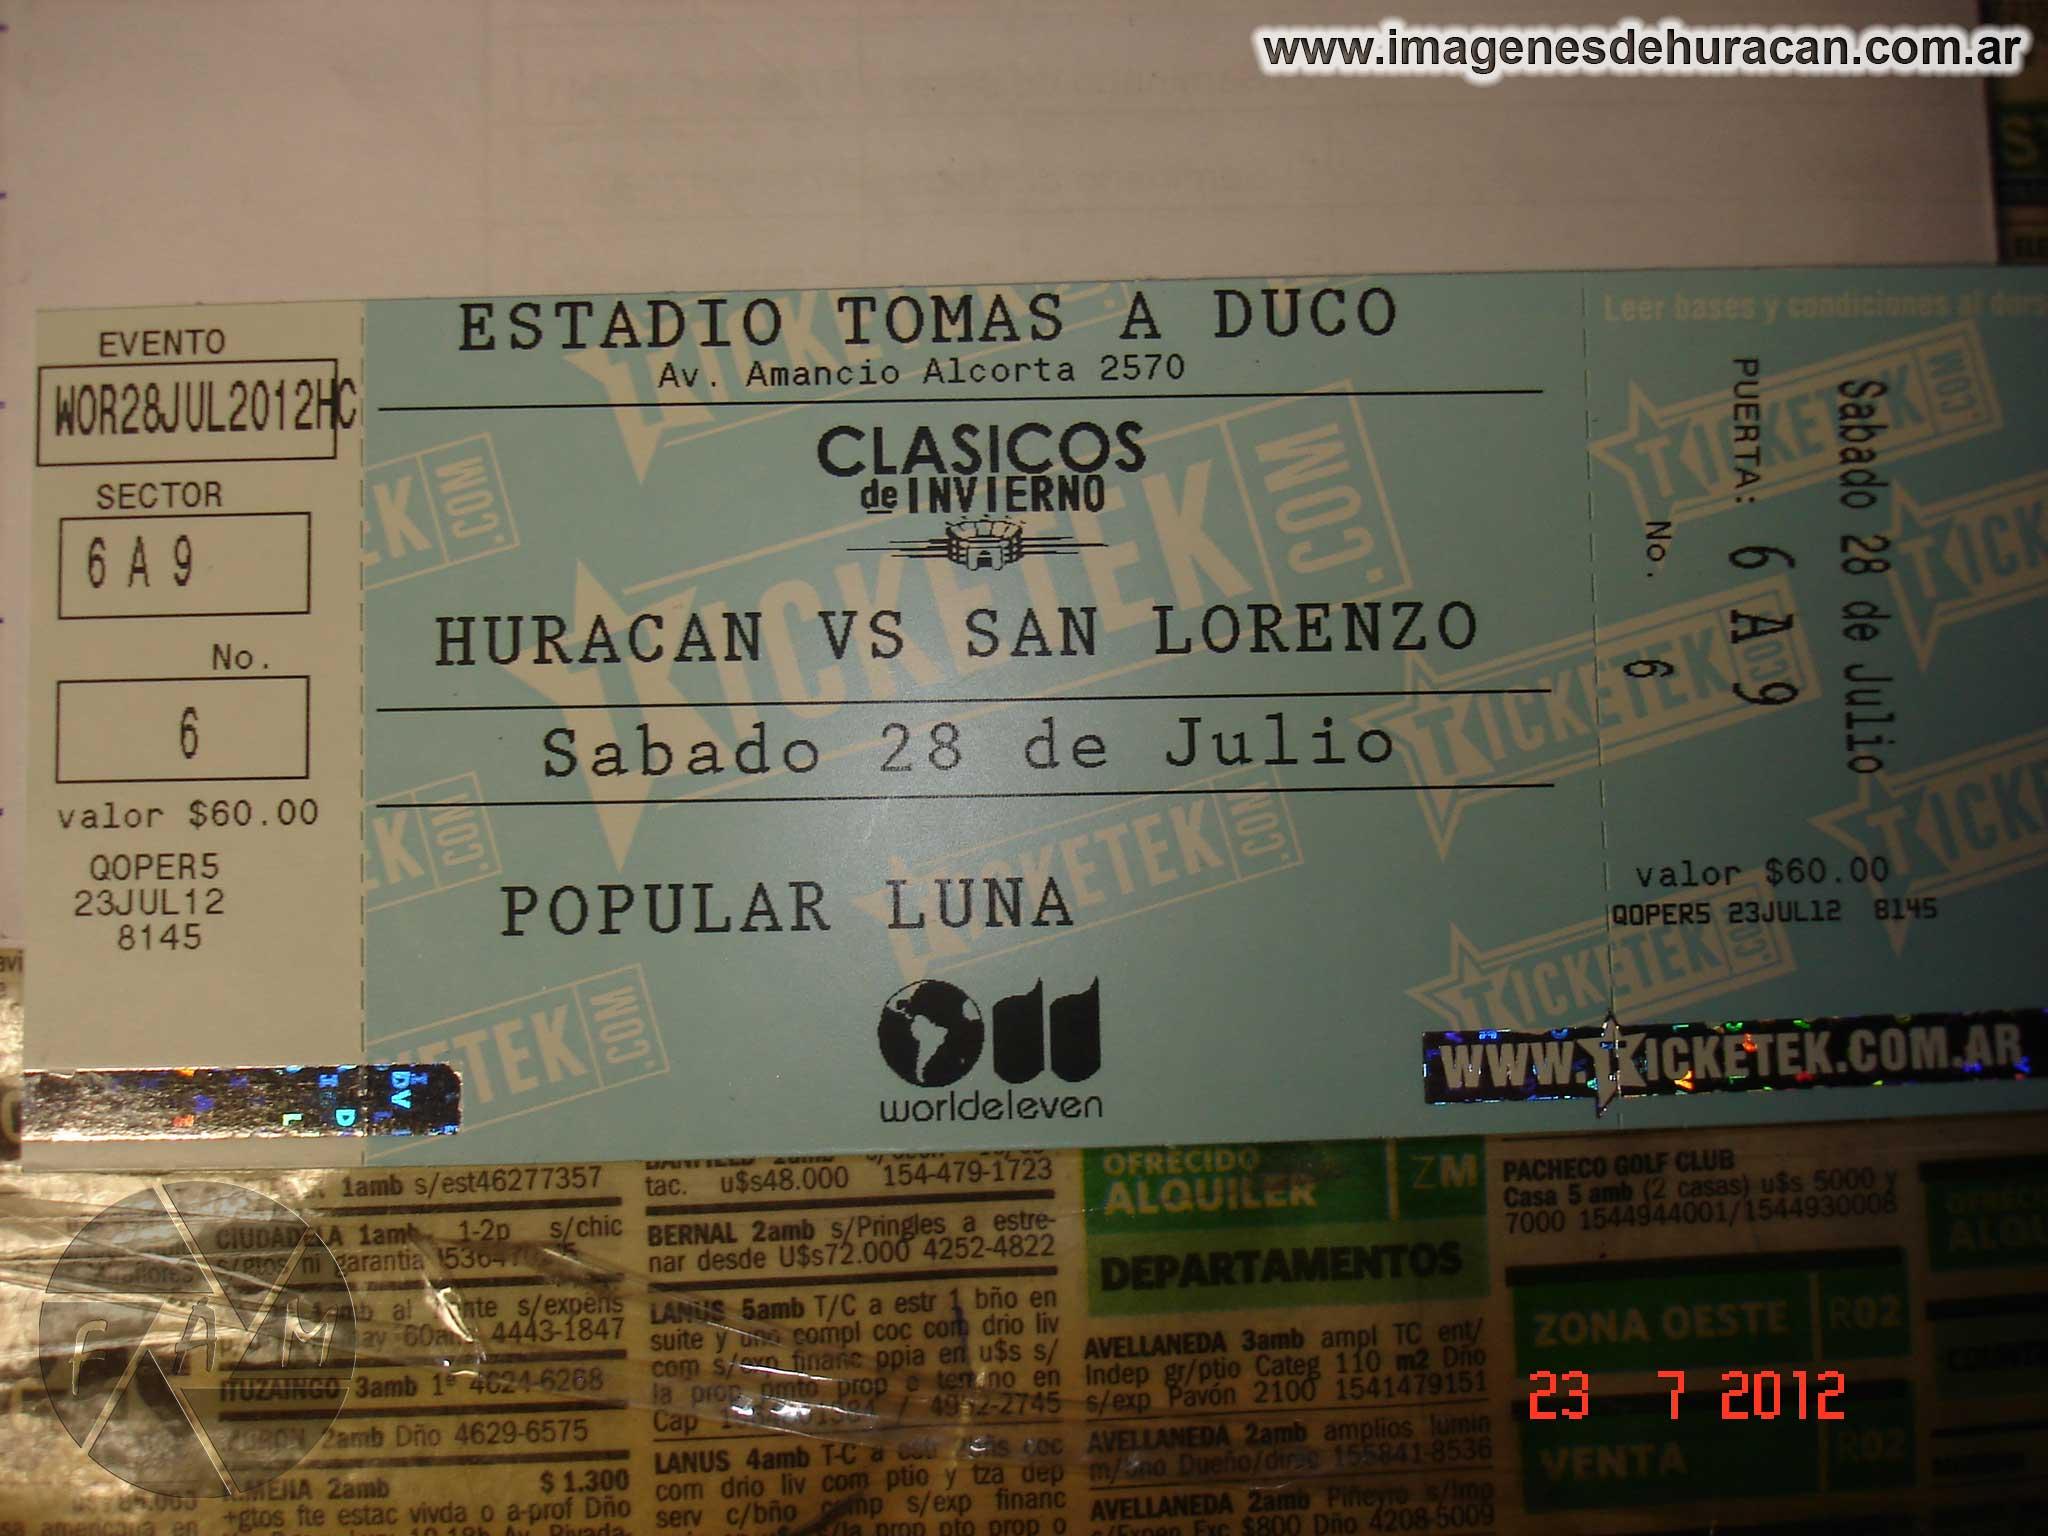 entrada Huracán san lorenzo clasico de invierno 2012